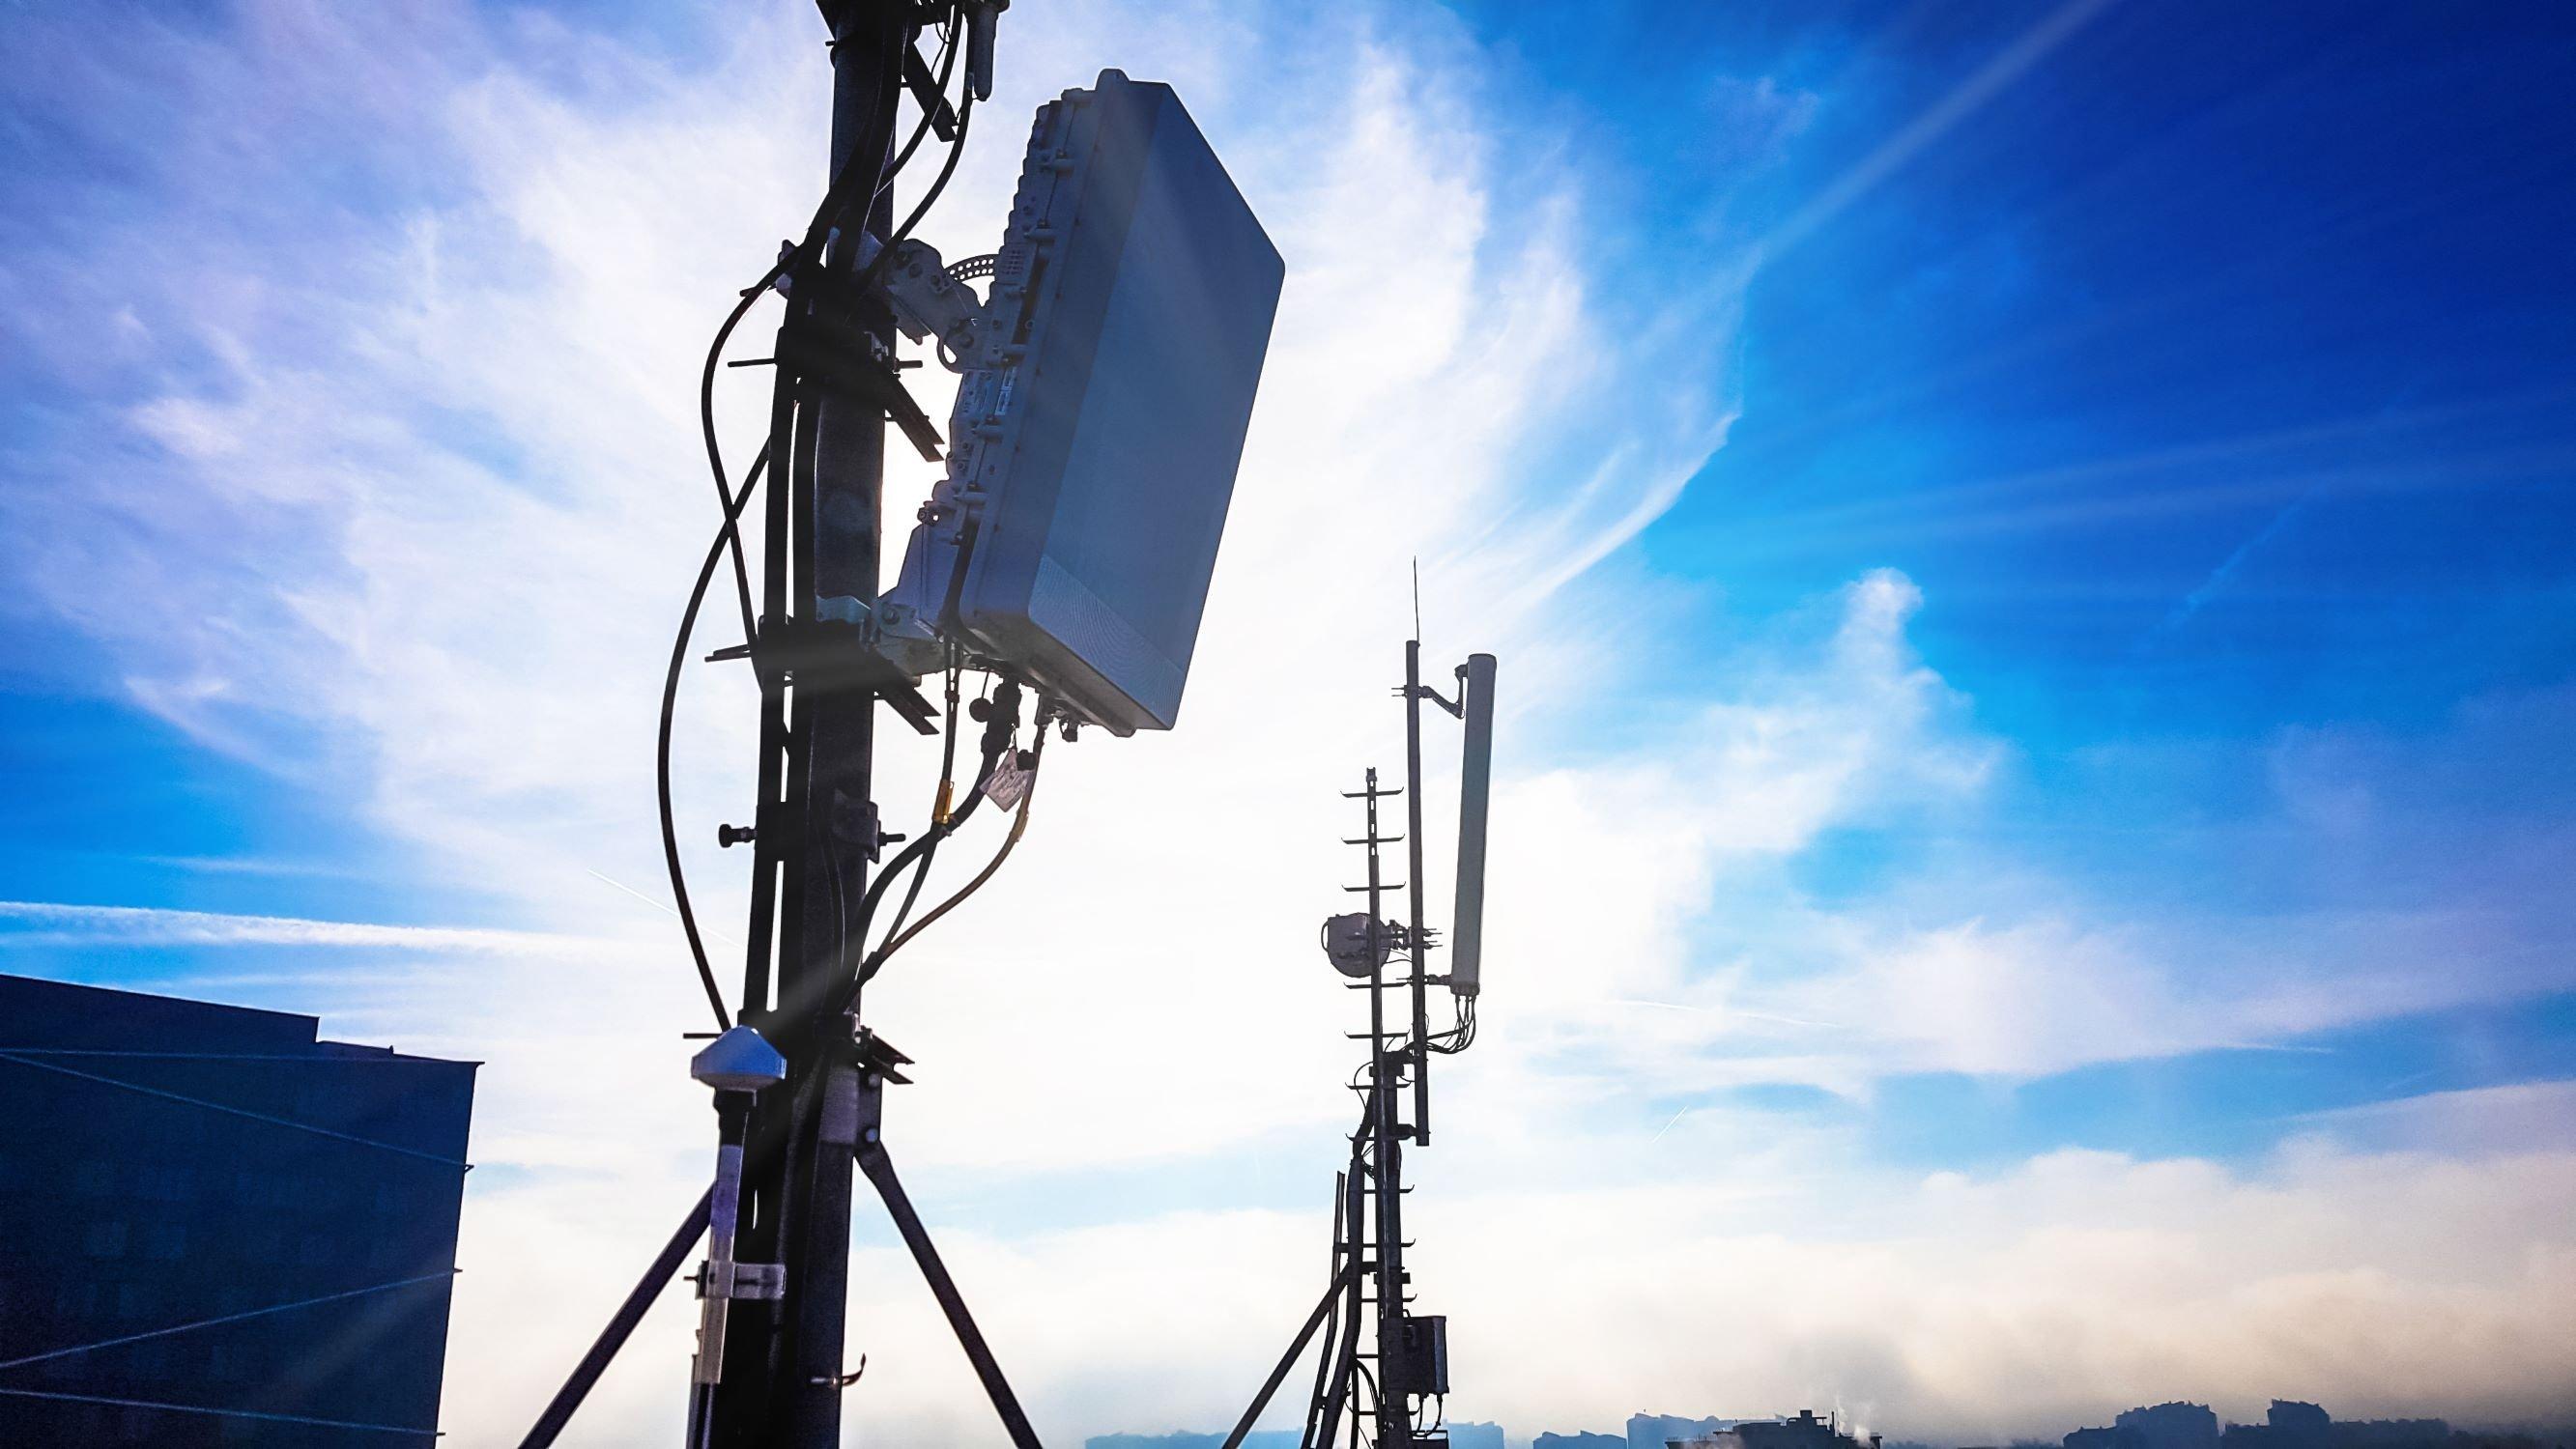 Antena de rede 5g